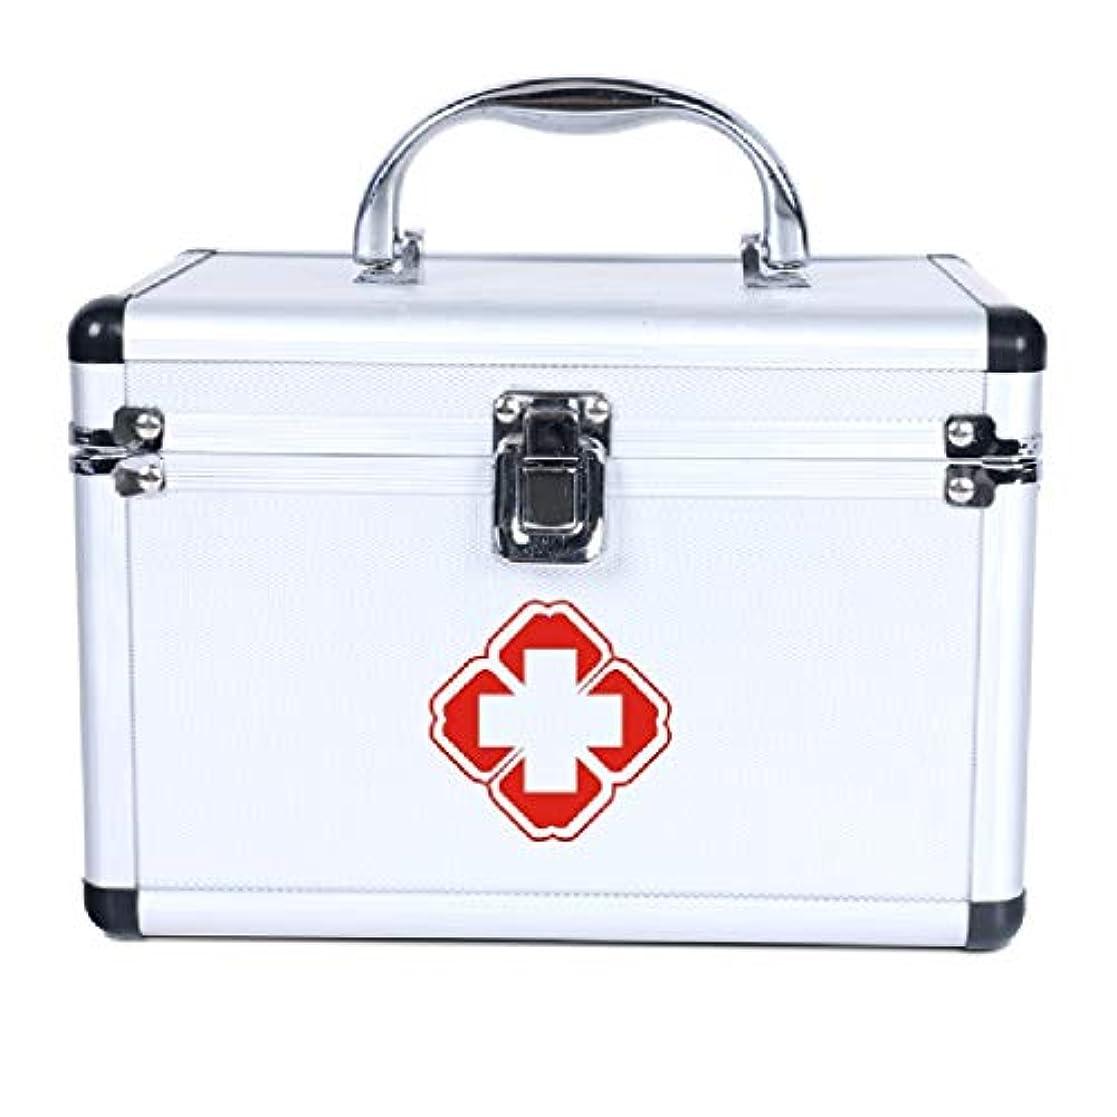 止まる十分に偏見YQCS●LS 家の緊急の薬箱の多層分類のアルミ合金の医療用キットの貯蔵の薬箱